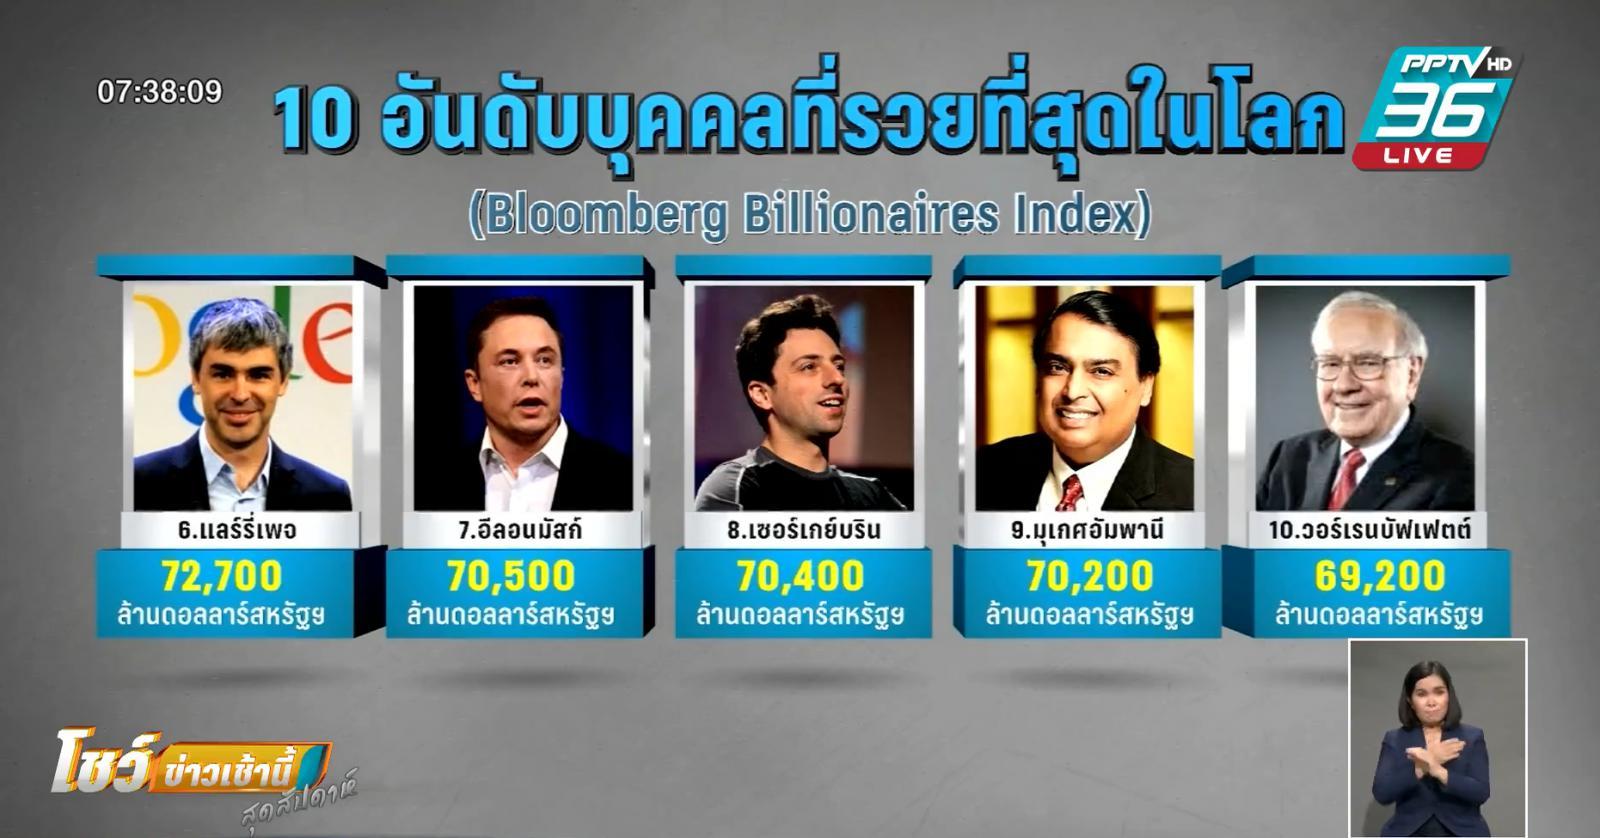 """""""อีลอน มัสก์"""" แซง """"บัฟเฟตต์"""" ร่ำรวยที่สุดในดัชนีบลูมเบิร์ก"""